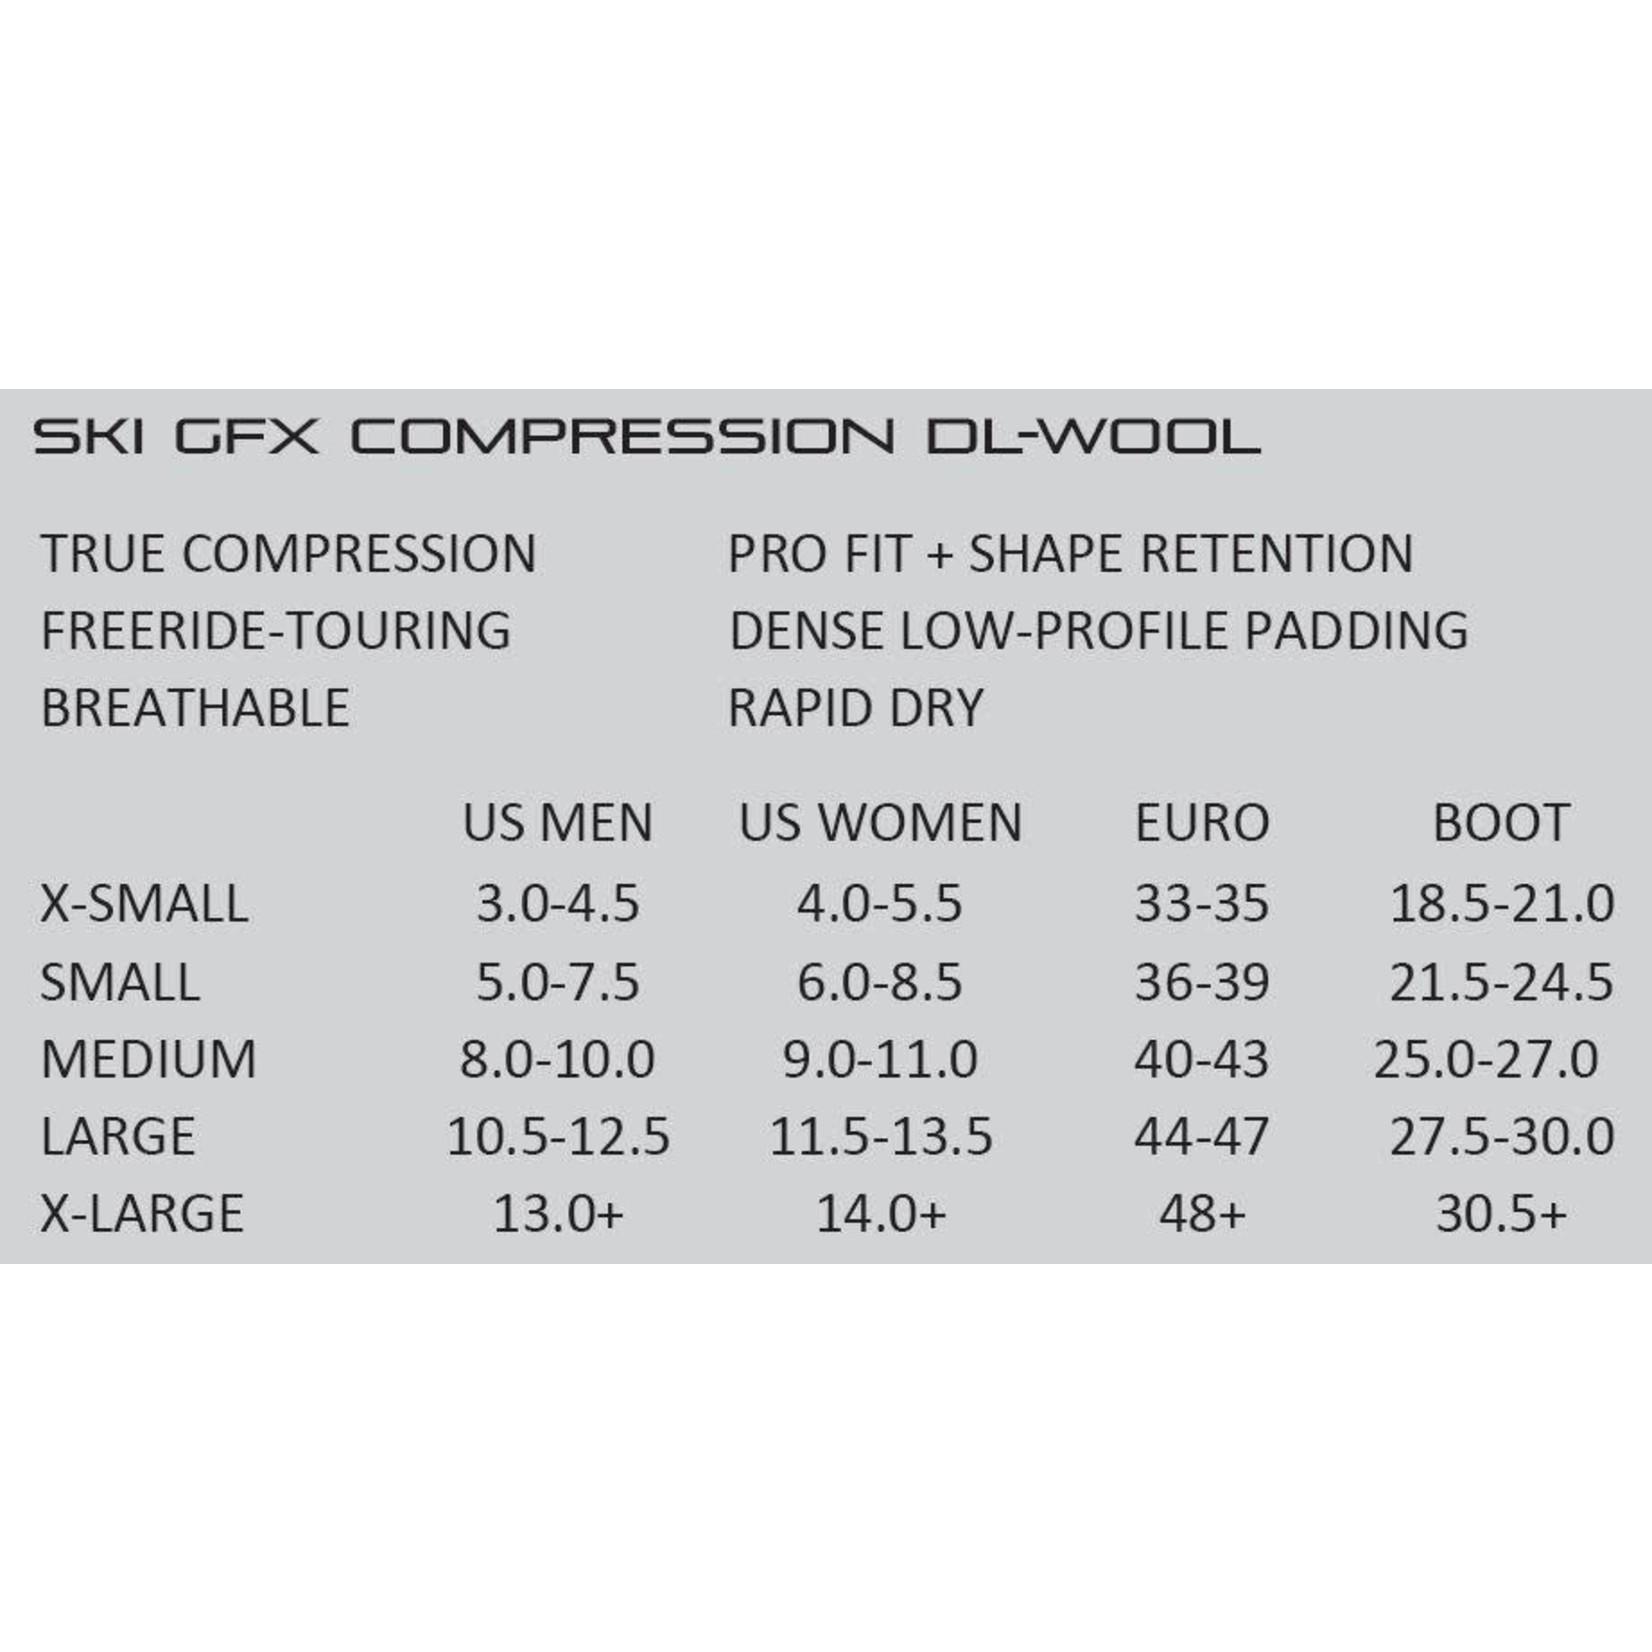 Bas de compression en laine Dissent Ski GFX DL